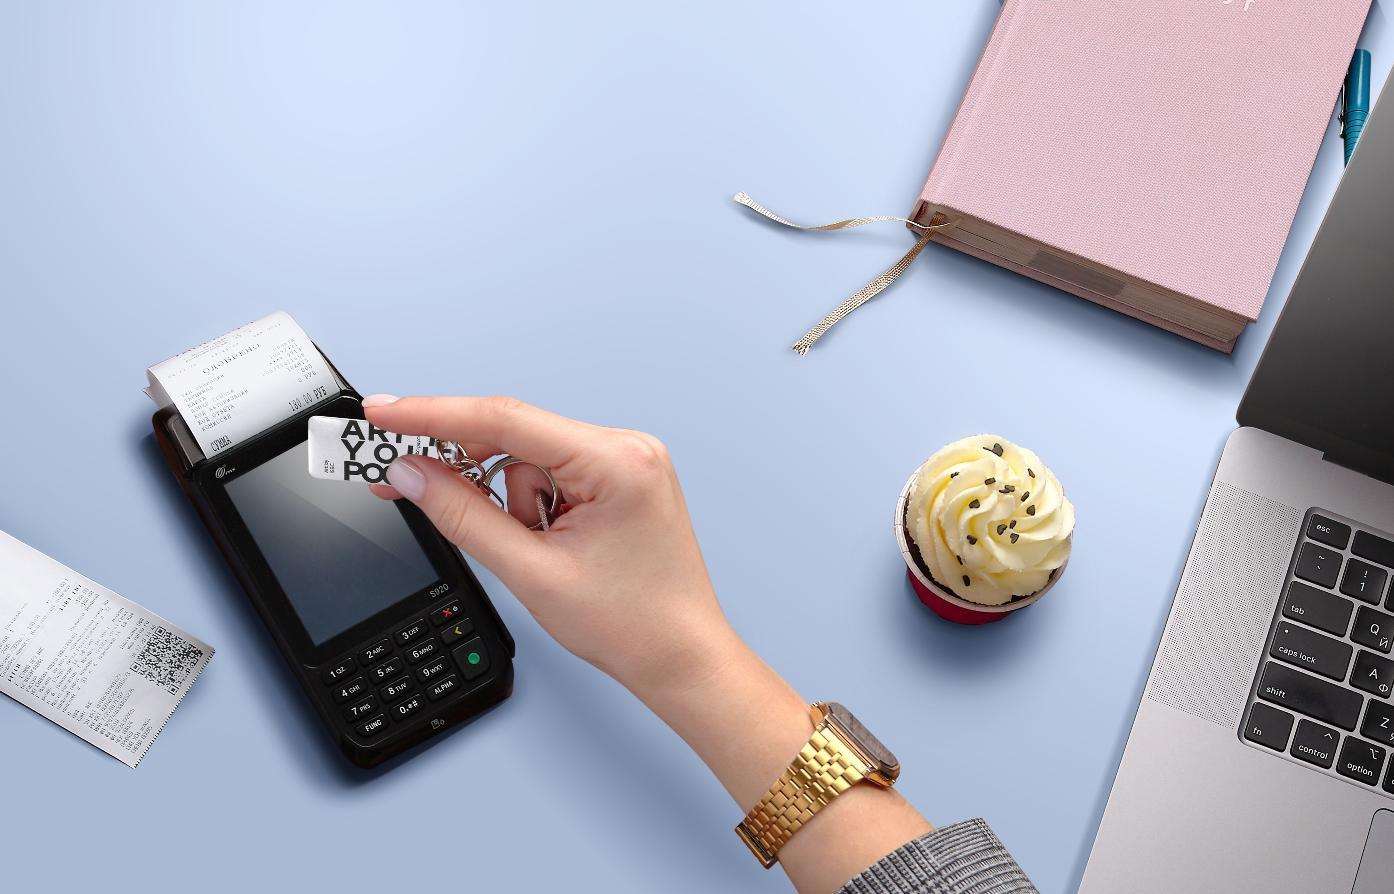 Плати брелоком. Клиентам МКБ доступны расчеты с помощью ISBC Pay - новости Афанасий